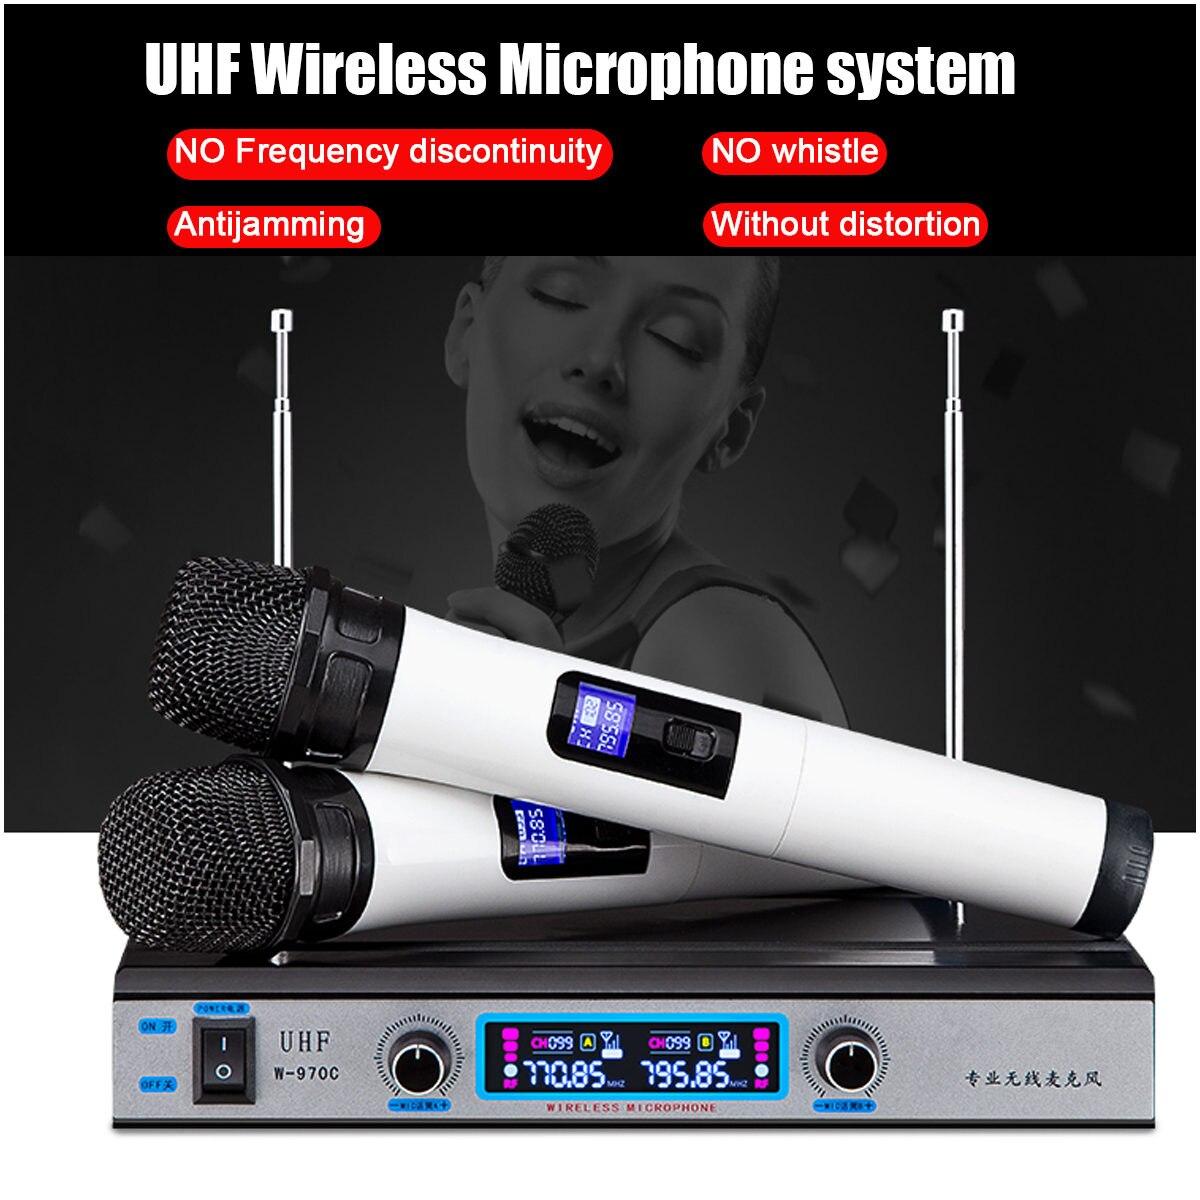 Professionnel double UHF sans fil Microphone système récepteur sans fil portable micro Kareoke KTV accueil Party haut-parleurs cadeaux de noël